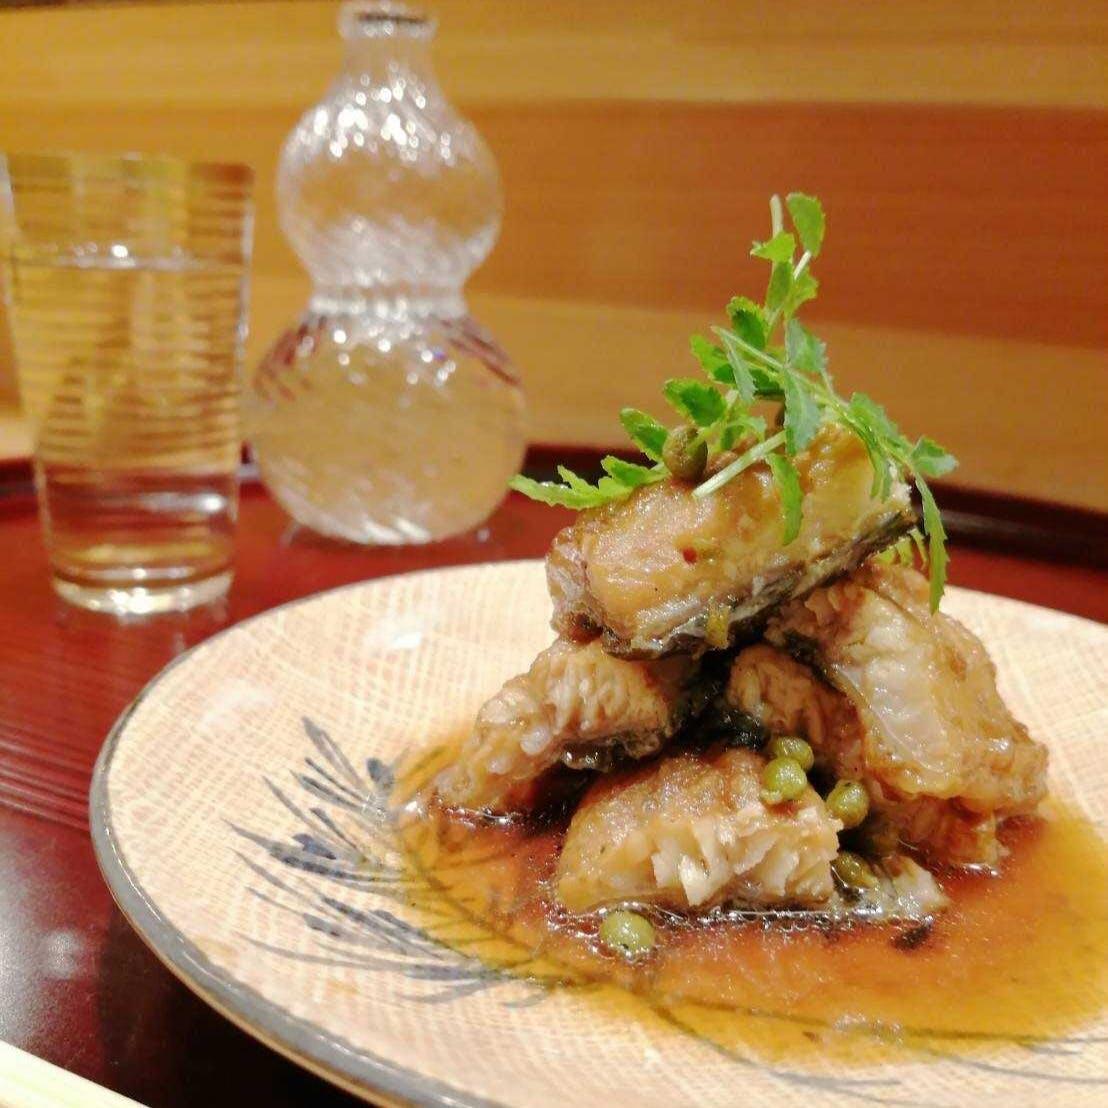 【お土産】自家製御飯のお供(鰻山椒煮120g)